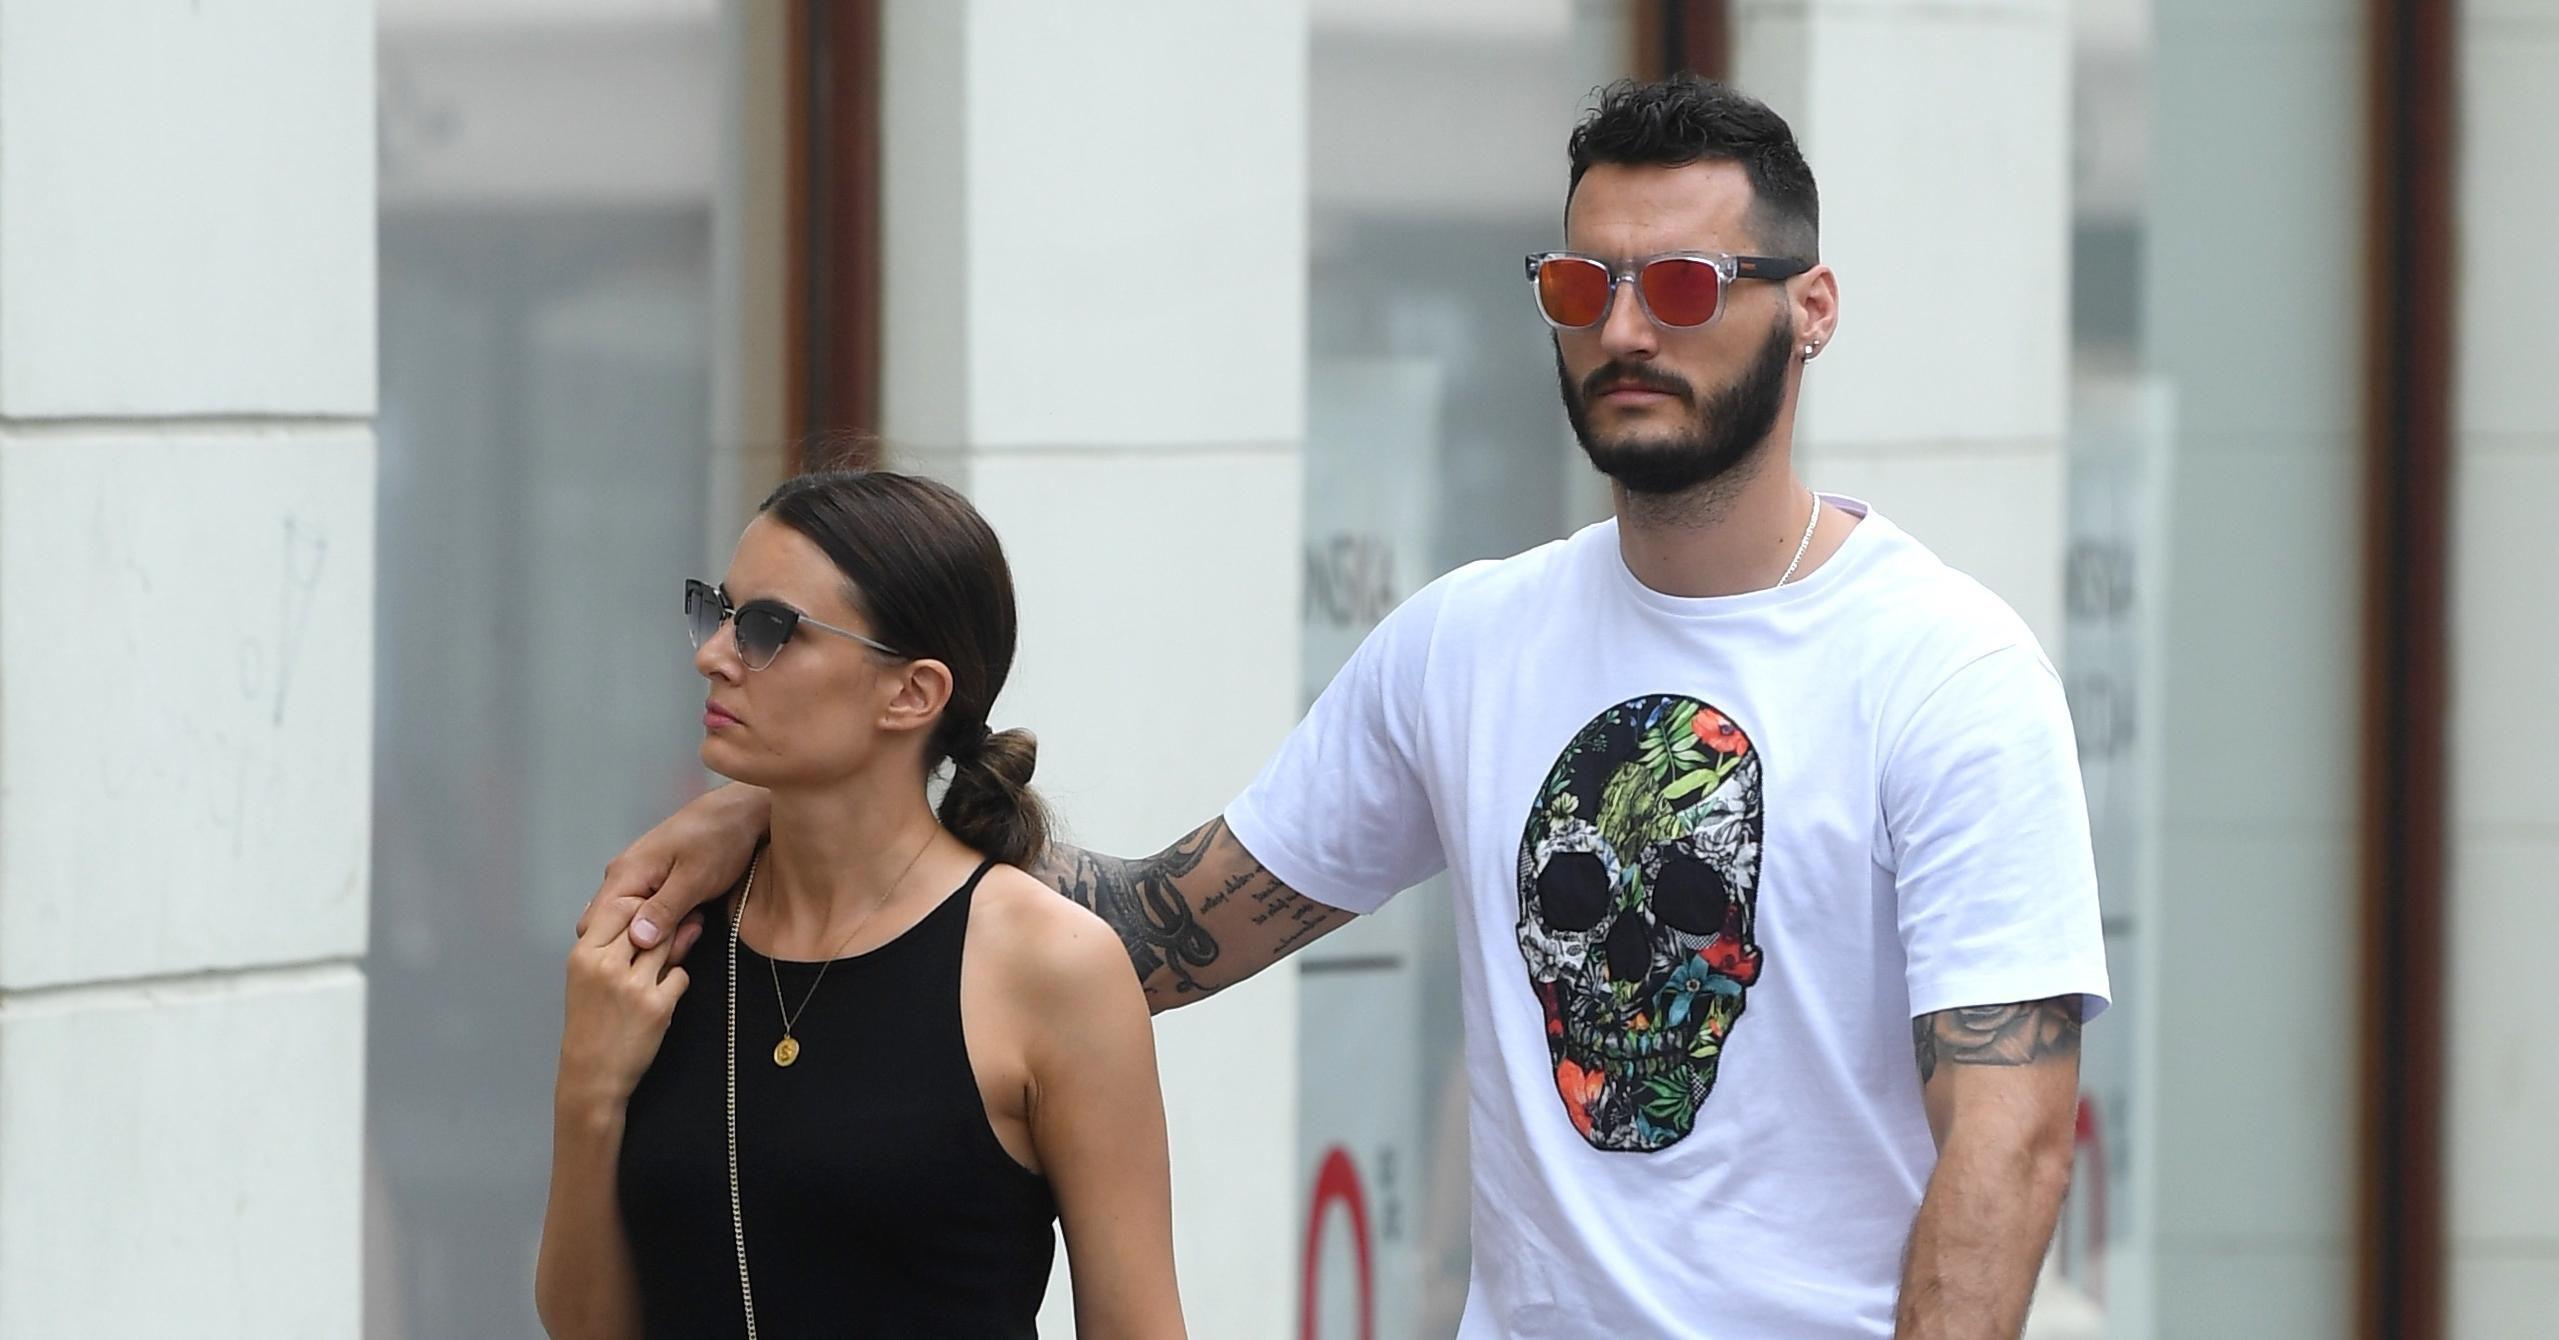 Kakav cool par: Ona s hit torbicom i čizmicama, a on u dobrom casual izdanju!